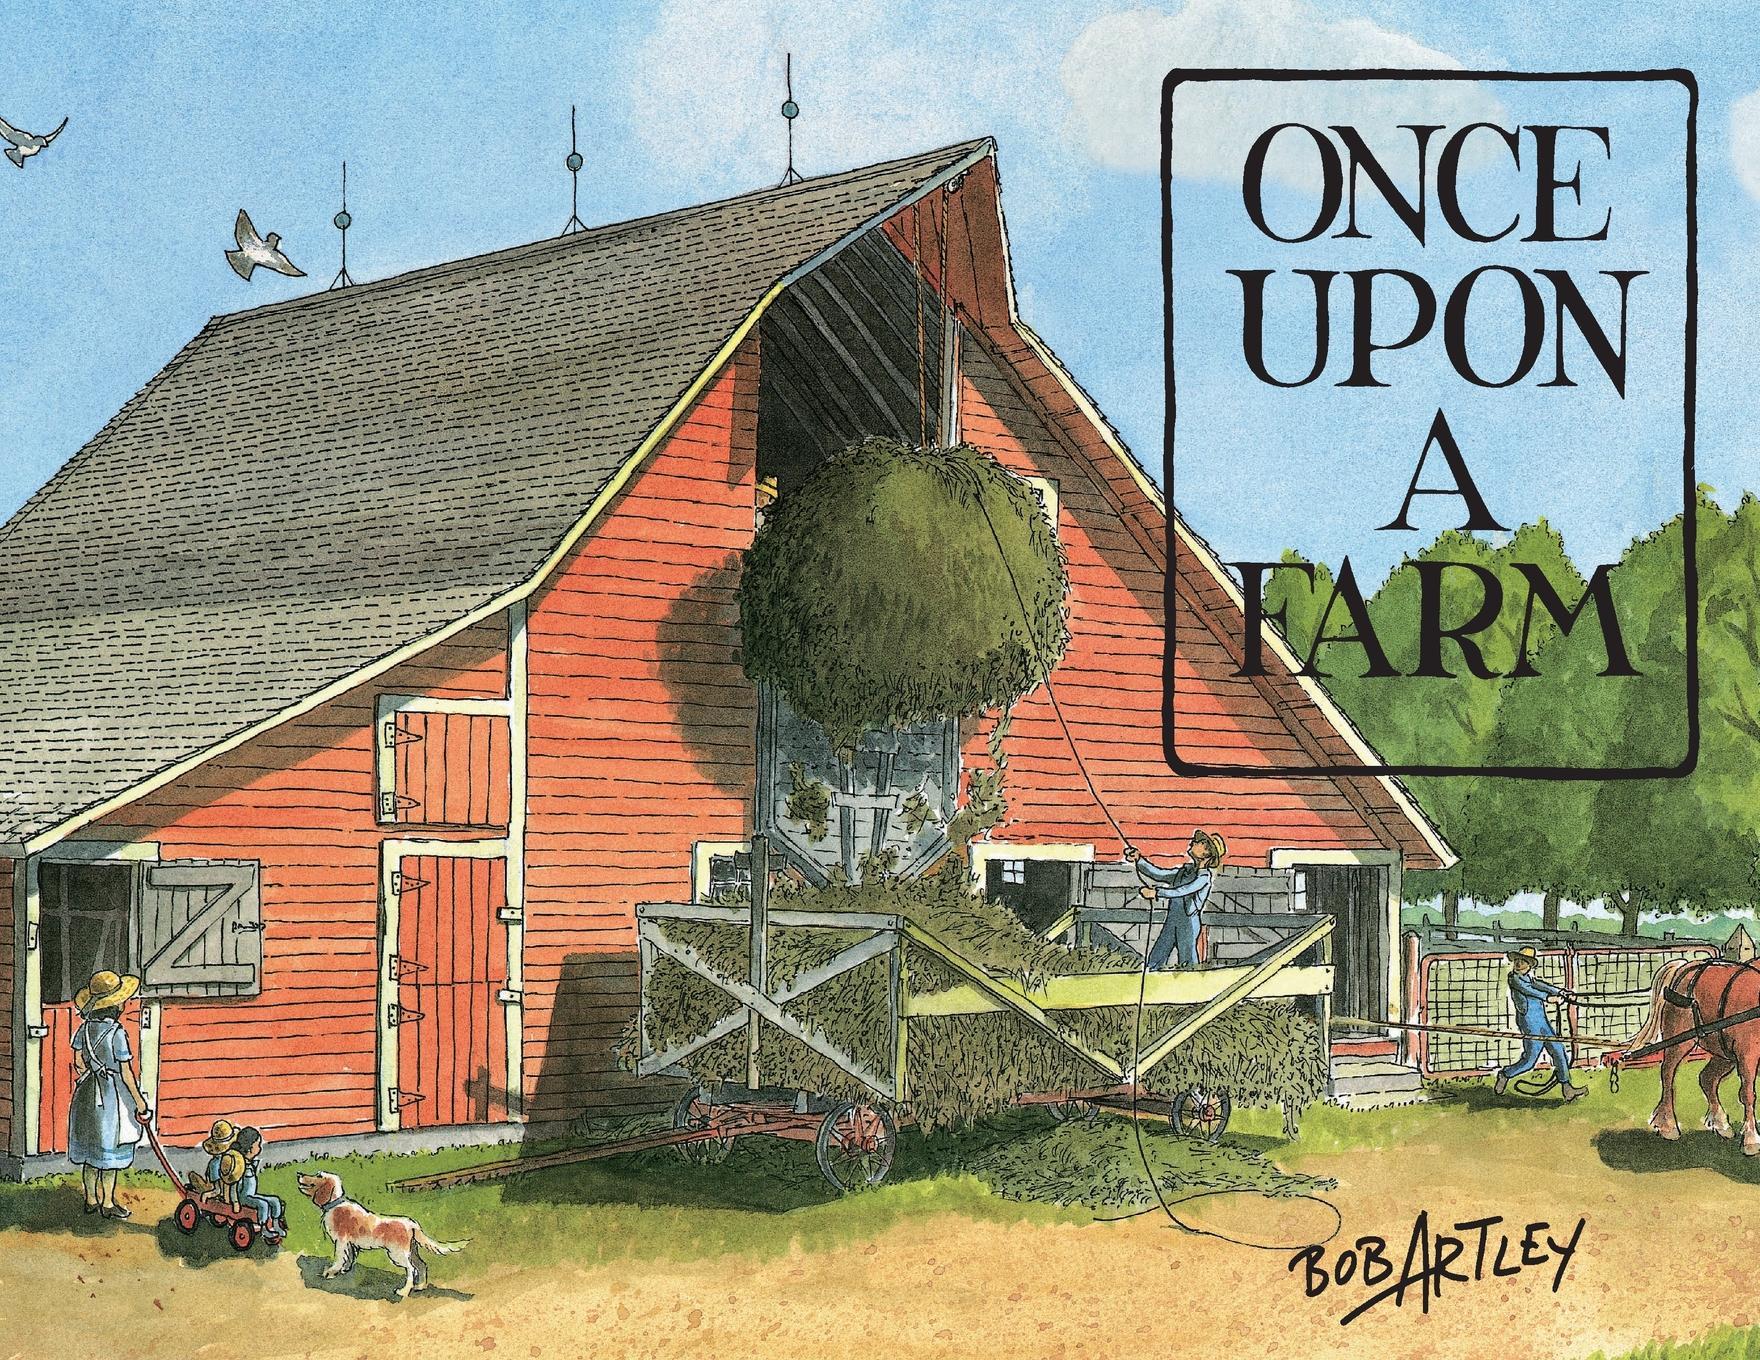 Once Upon a Farm (Paperback) - Walmart.com - Walmart.com